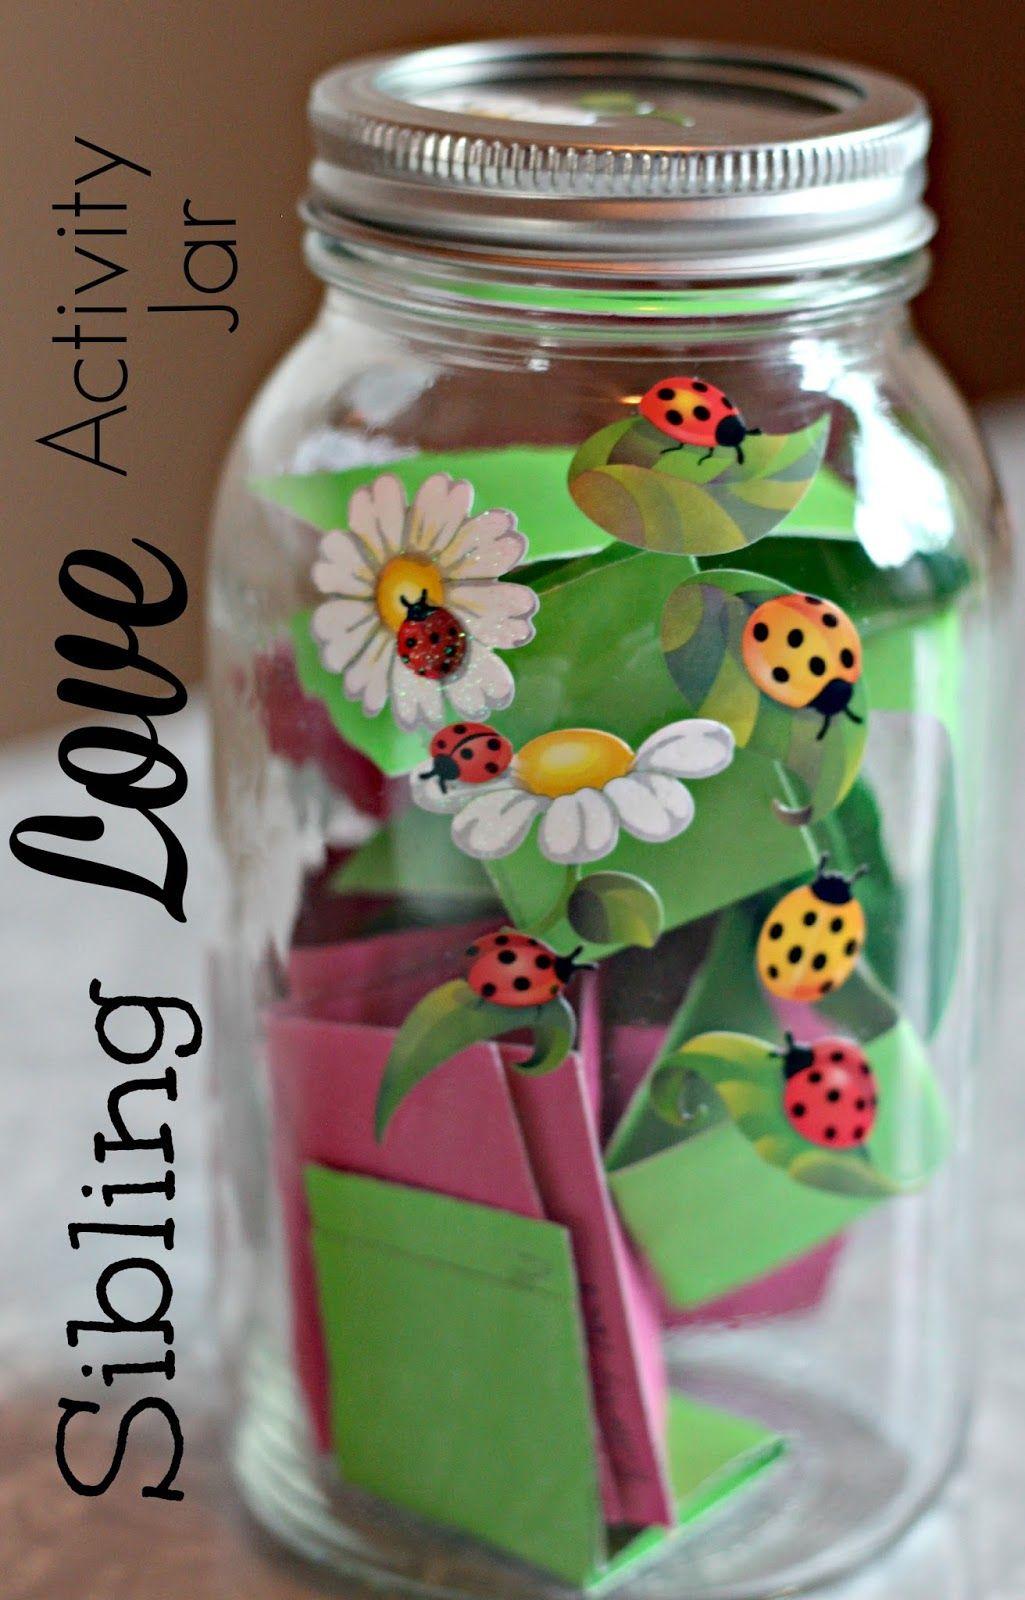 Cute Idea For A Siblings Love Jar The Kids Each Write